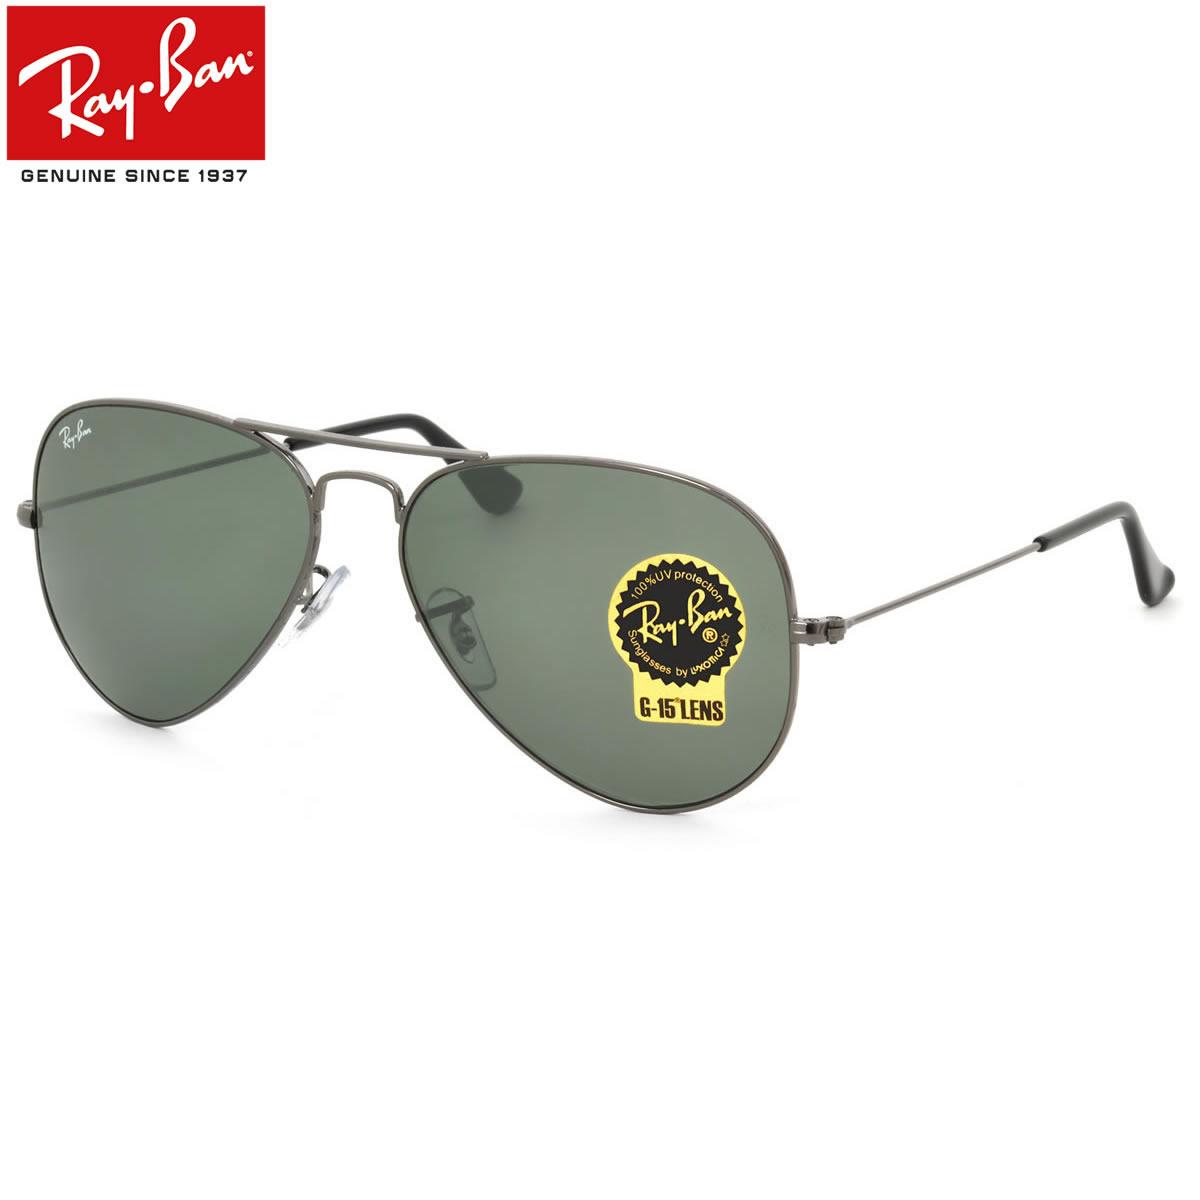 ray ban aviator 3025 price in pakistan